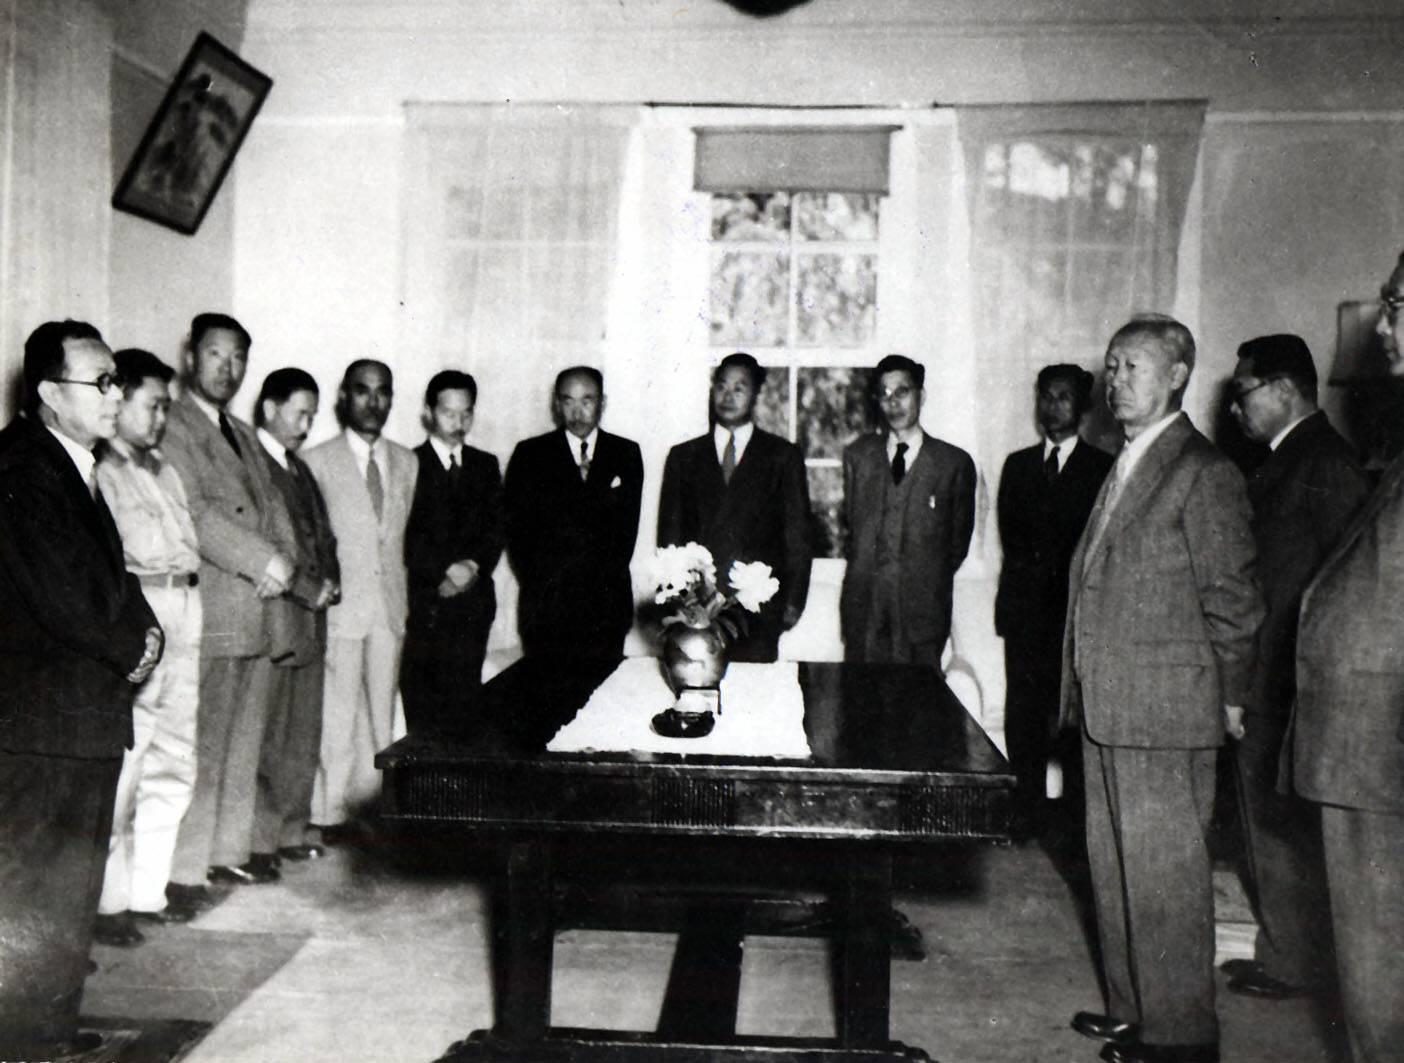 인촌, 국무회의에서의 부통령 취임 인사